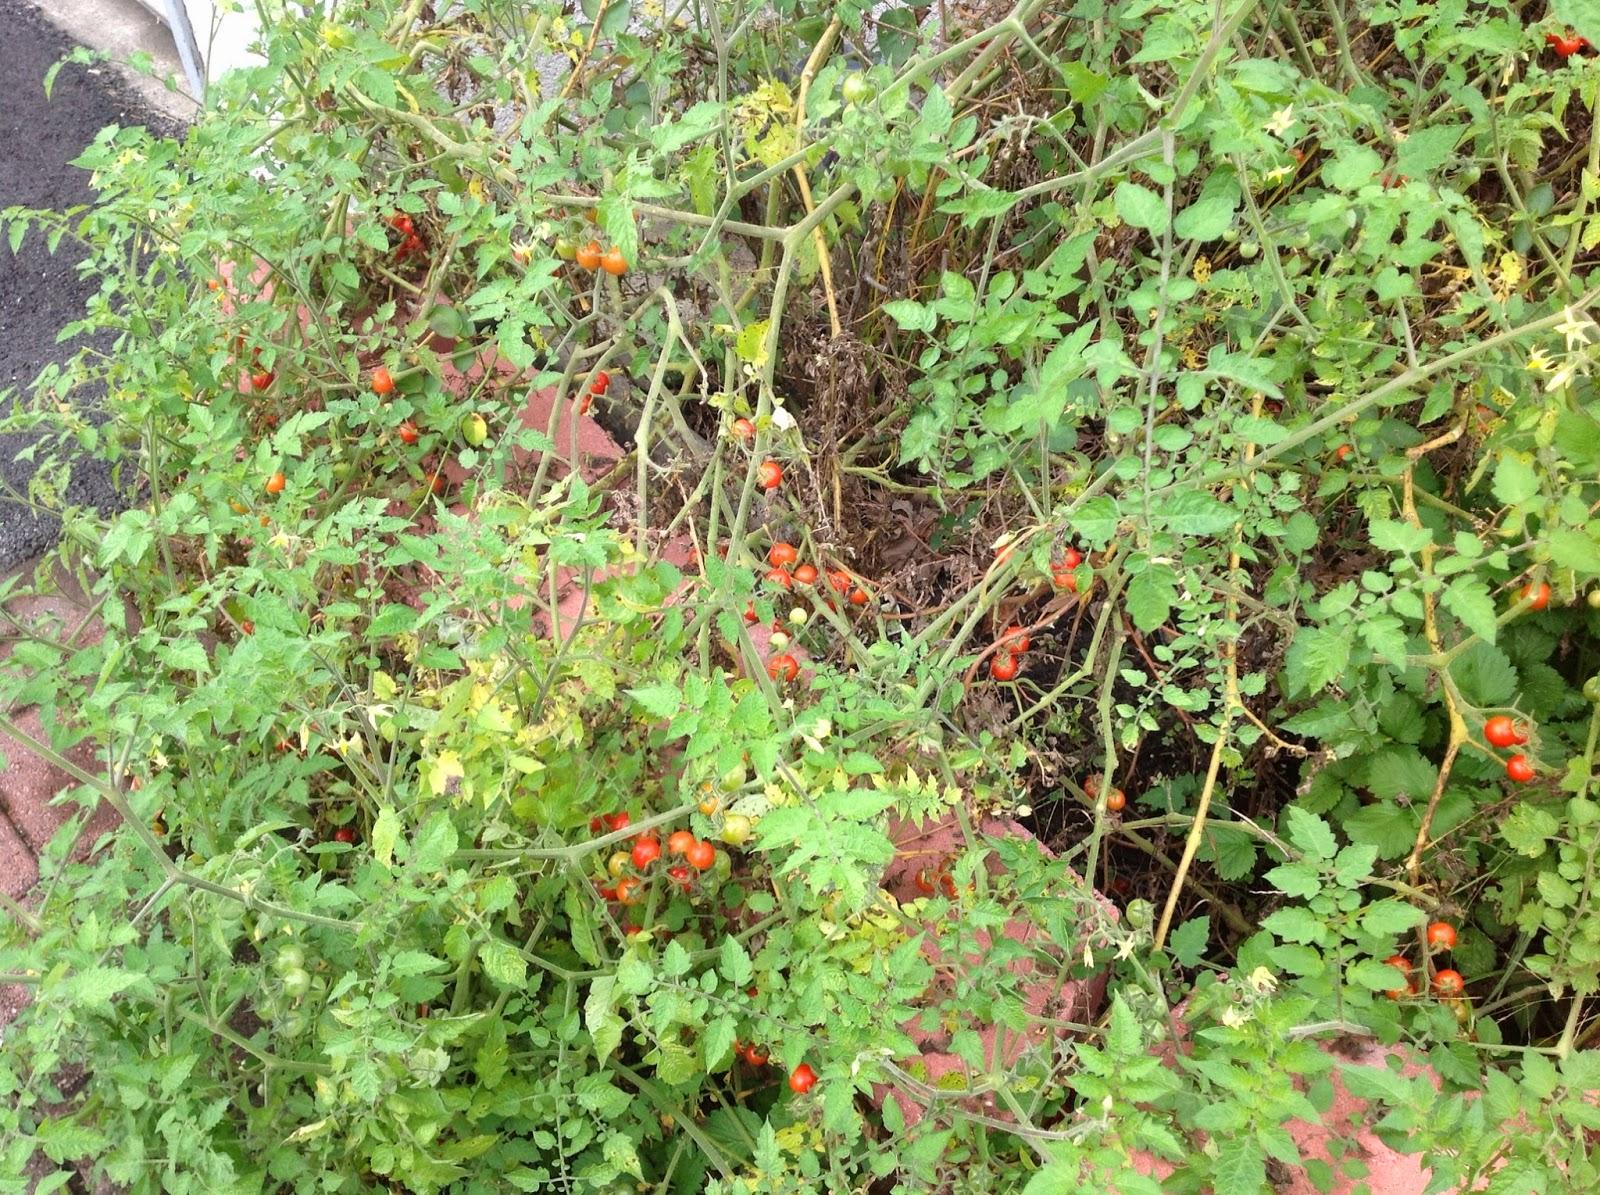 wild cherry tomato plants